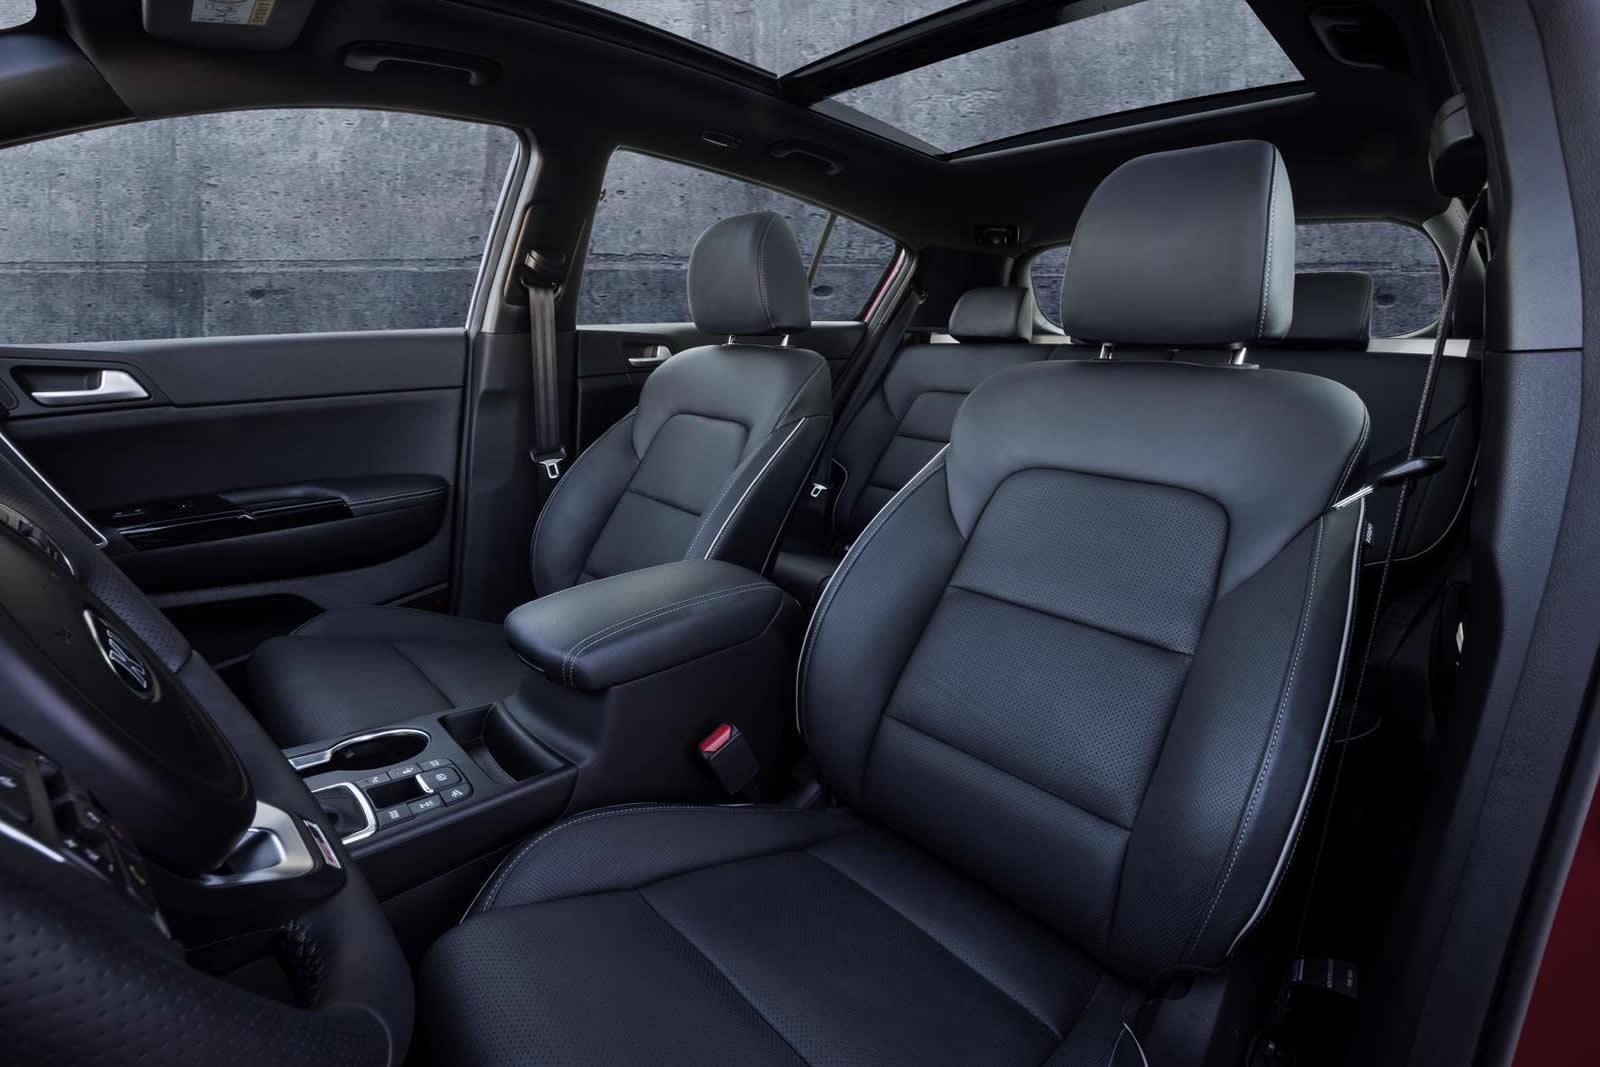 2016 KİA SPORTAGE GT RESİM GALERİSİ